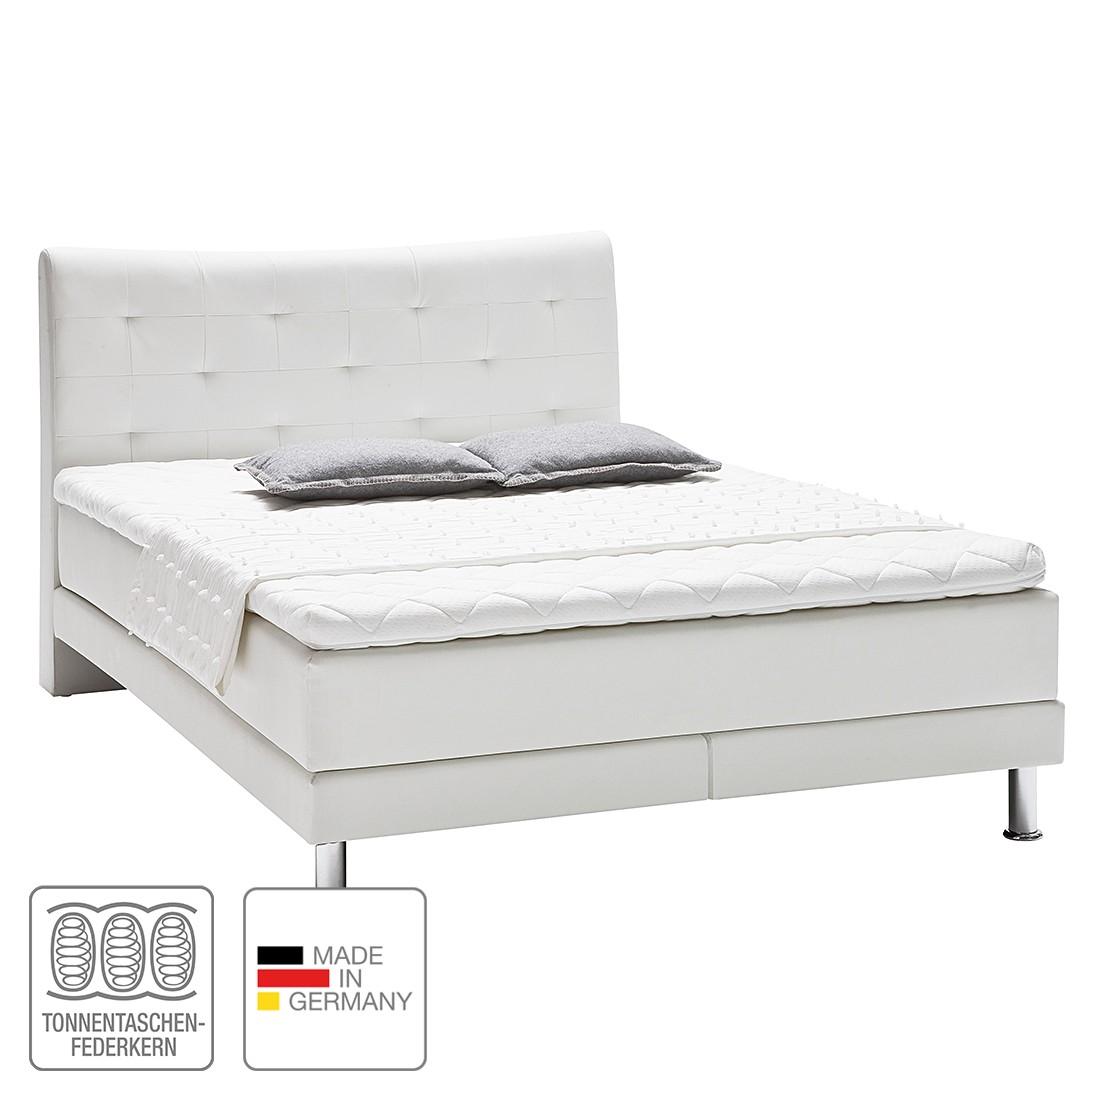 Boxspringbett Vega – Kunstleder – 120 x 200cm – H2 bis 80 kg – Viscoschaumtopper – Tonnentaschenfederkernmatratze – Weiß, meise.möbel günstig online kaufen